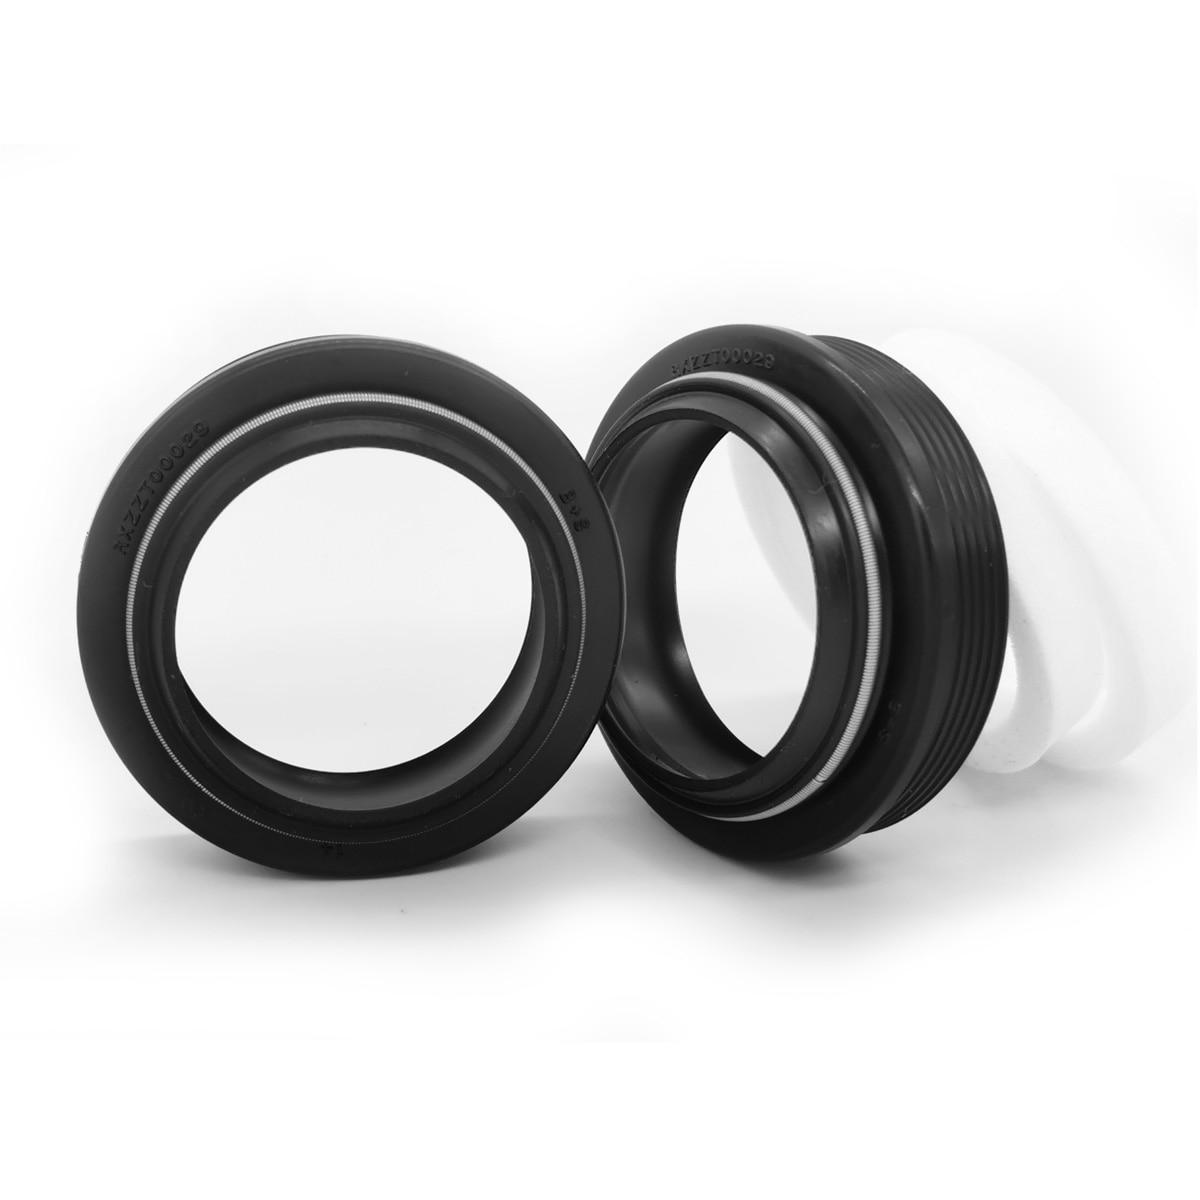 Велосипедная передняя вилка, пылезащитное уплотнение 32 мм-36 мм, уплотнение и поролоновое кольцо для fox/Rockshox/Magura/X-fusion/Manitou, Запасные Комплекты...